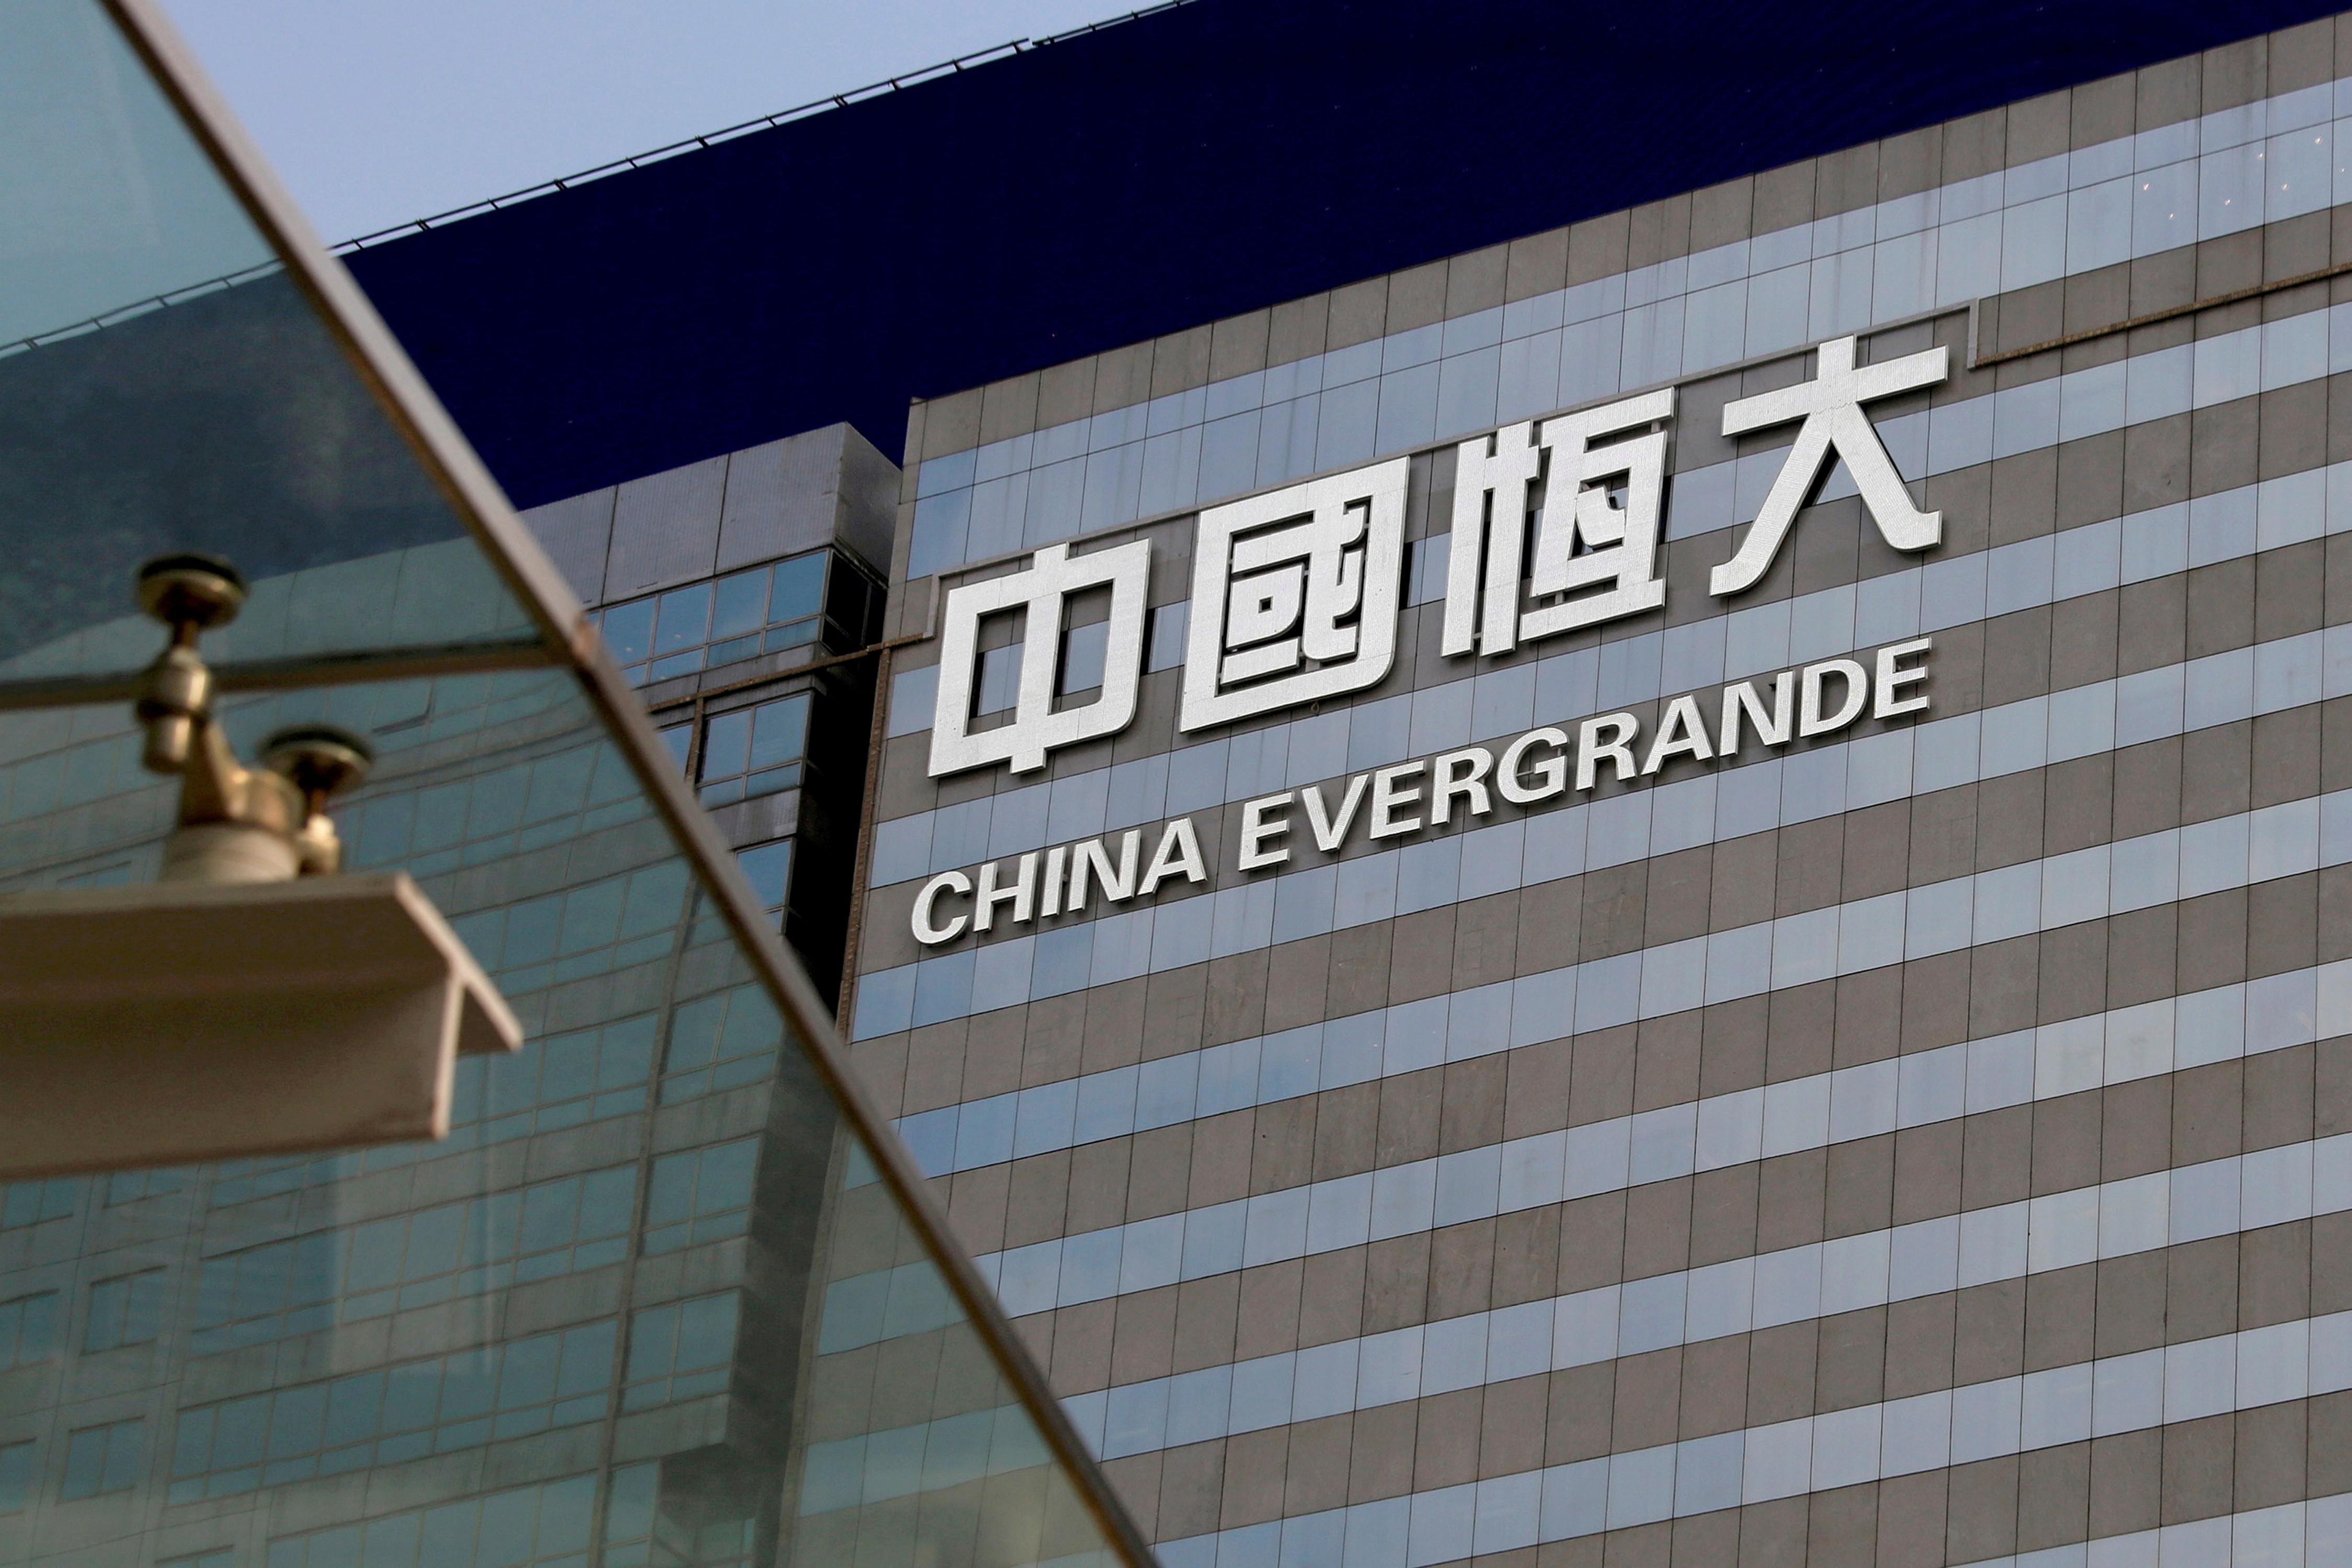 Prédio da incorporadora Evergrande no centro de Hong Kong, em imagem de arquivo